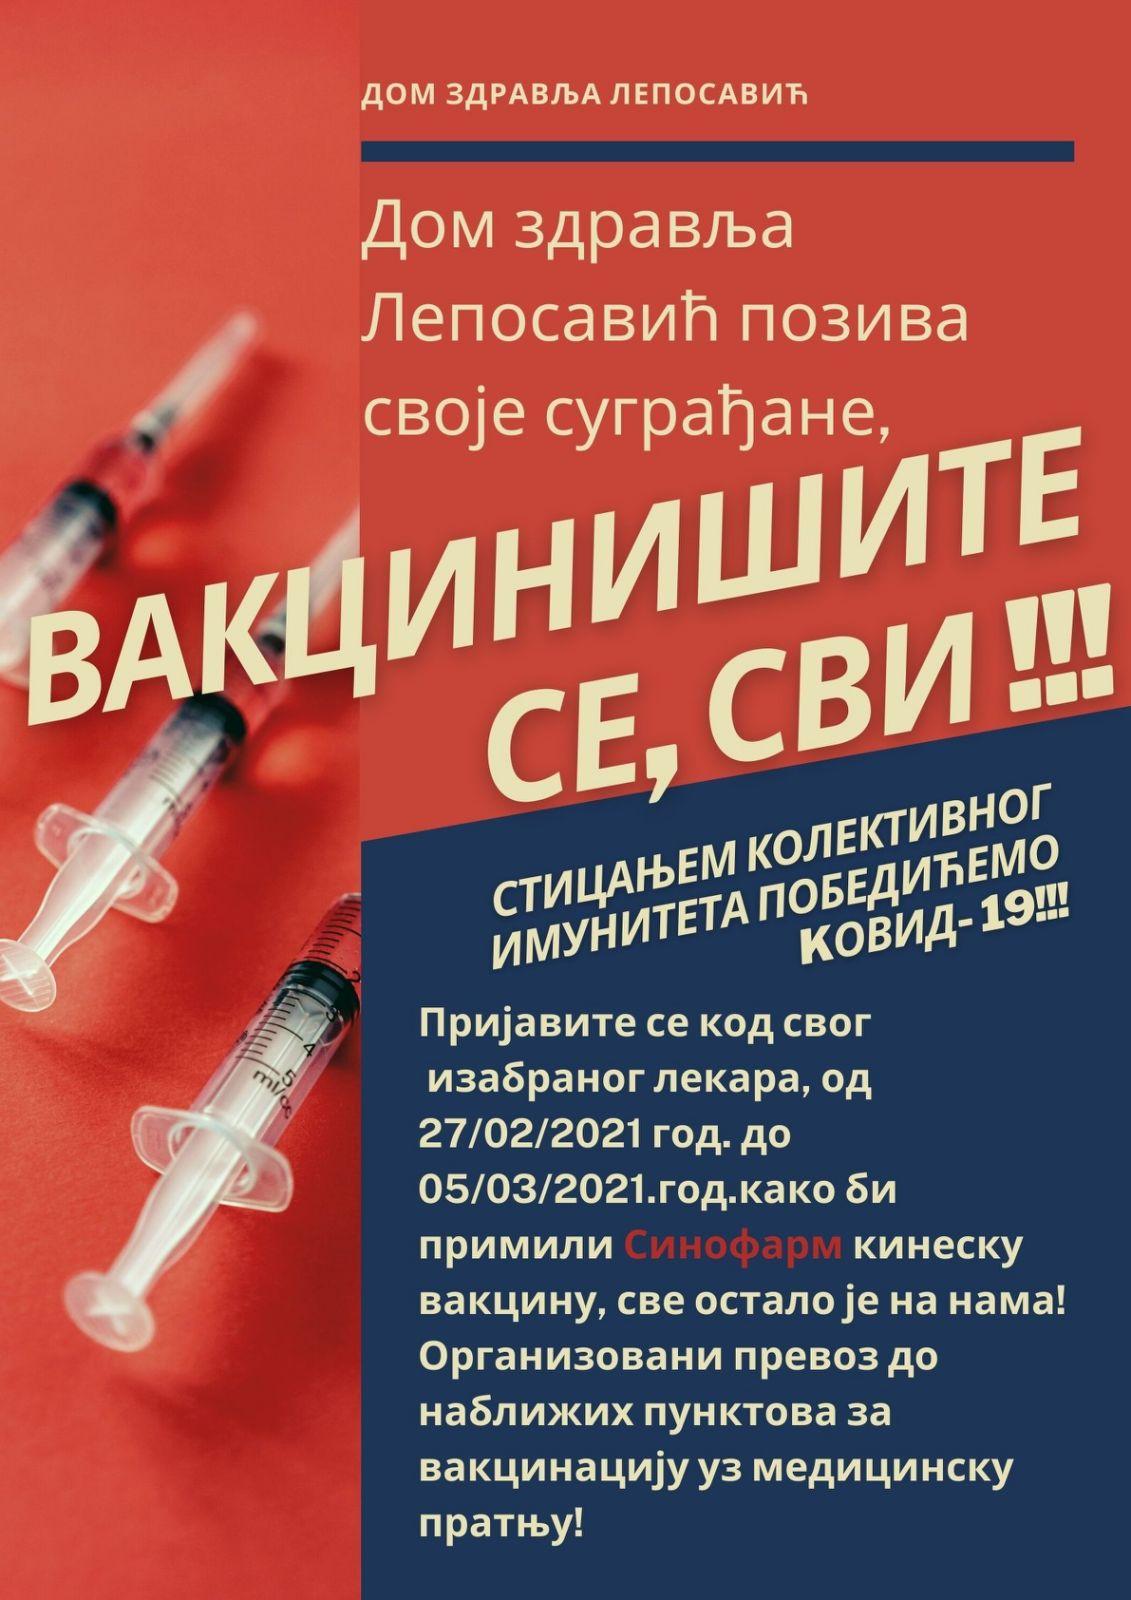 """Leposavić: Počelo prijavljivanje građana za vakcinaciju """"Sinofarm"""" vakcinom; """"Vakcinišite se, svi!"""" poručuju lekari"""